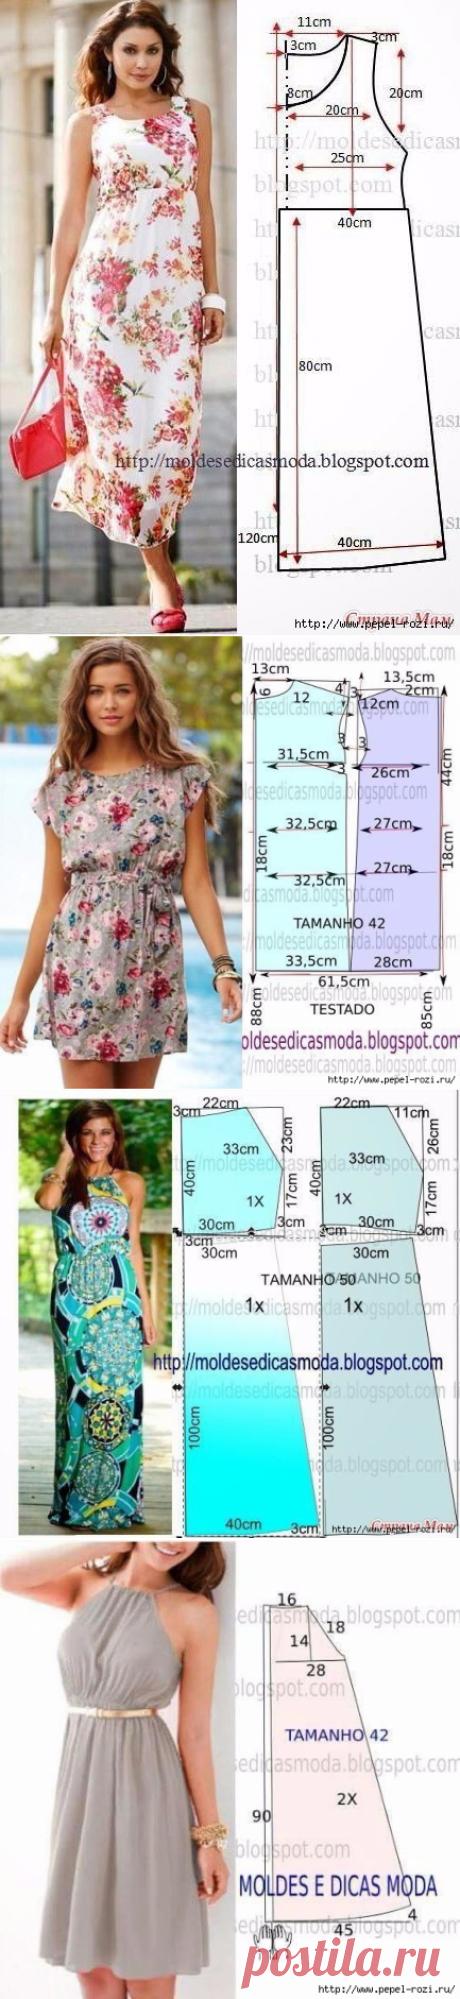 Моделирование летних платьев: 6 красивых выкроек!